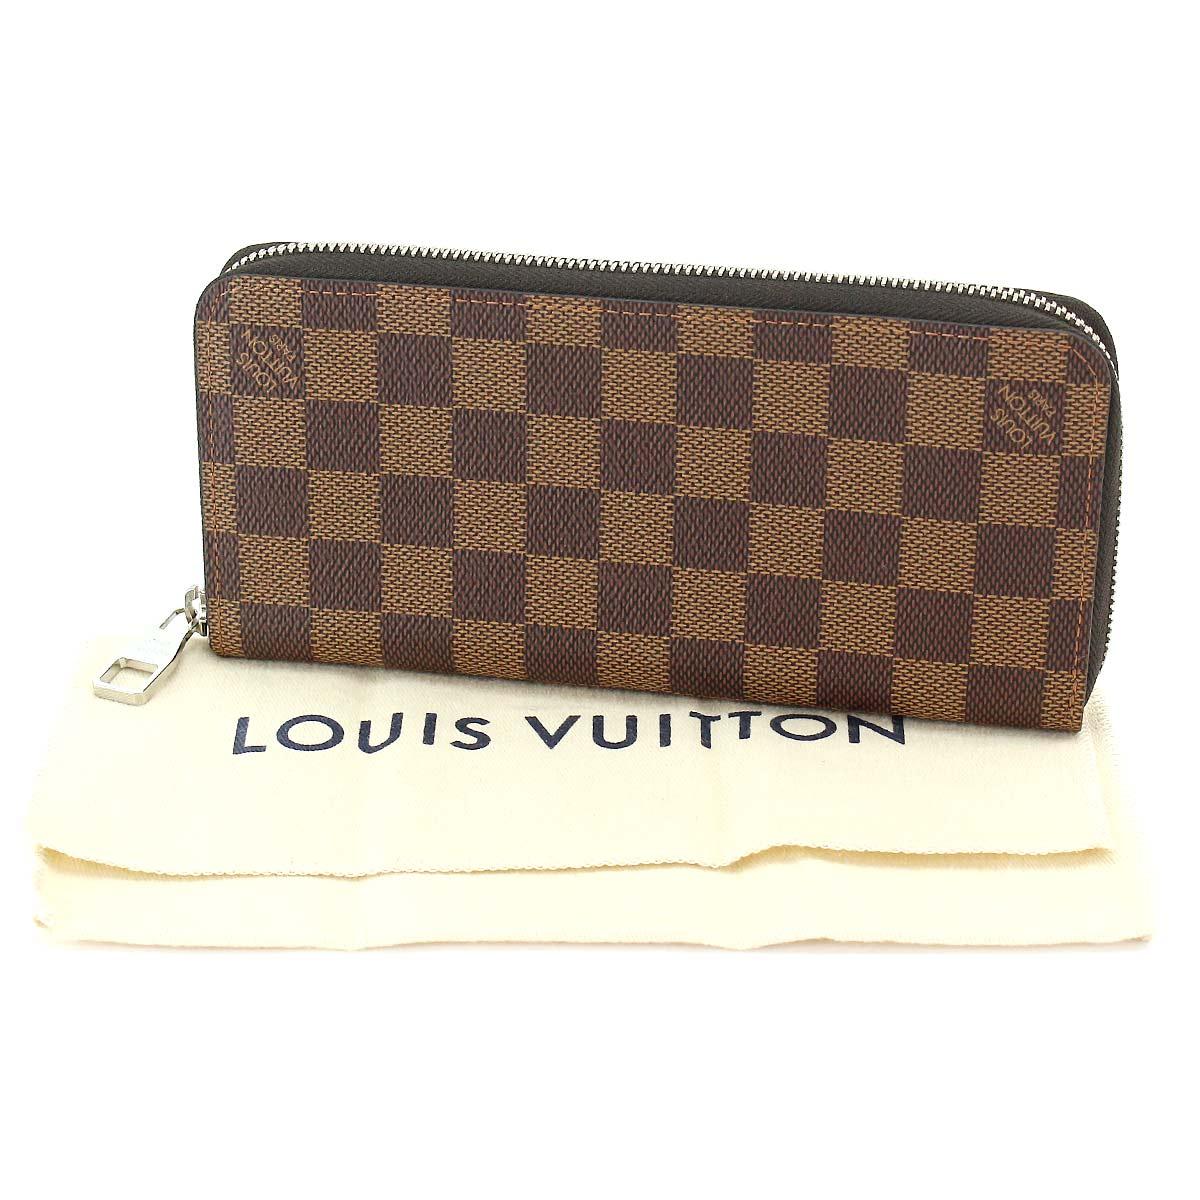 e36a8c0869c1 Auth LOUIS VUITTON Damier Zippy Wallet Vertical Ebene N61207 ...